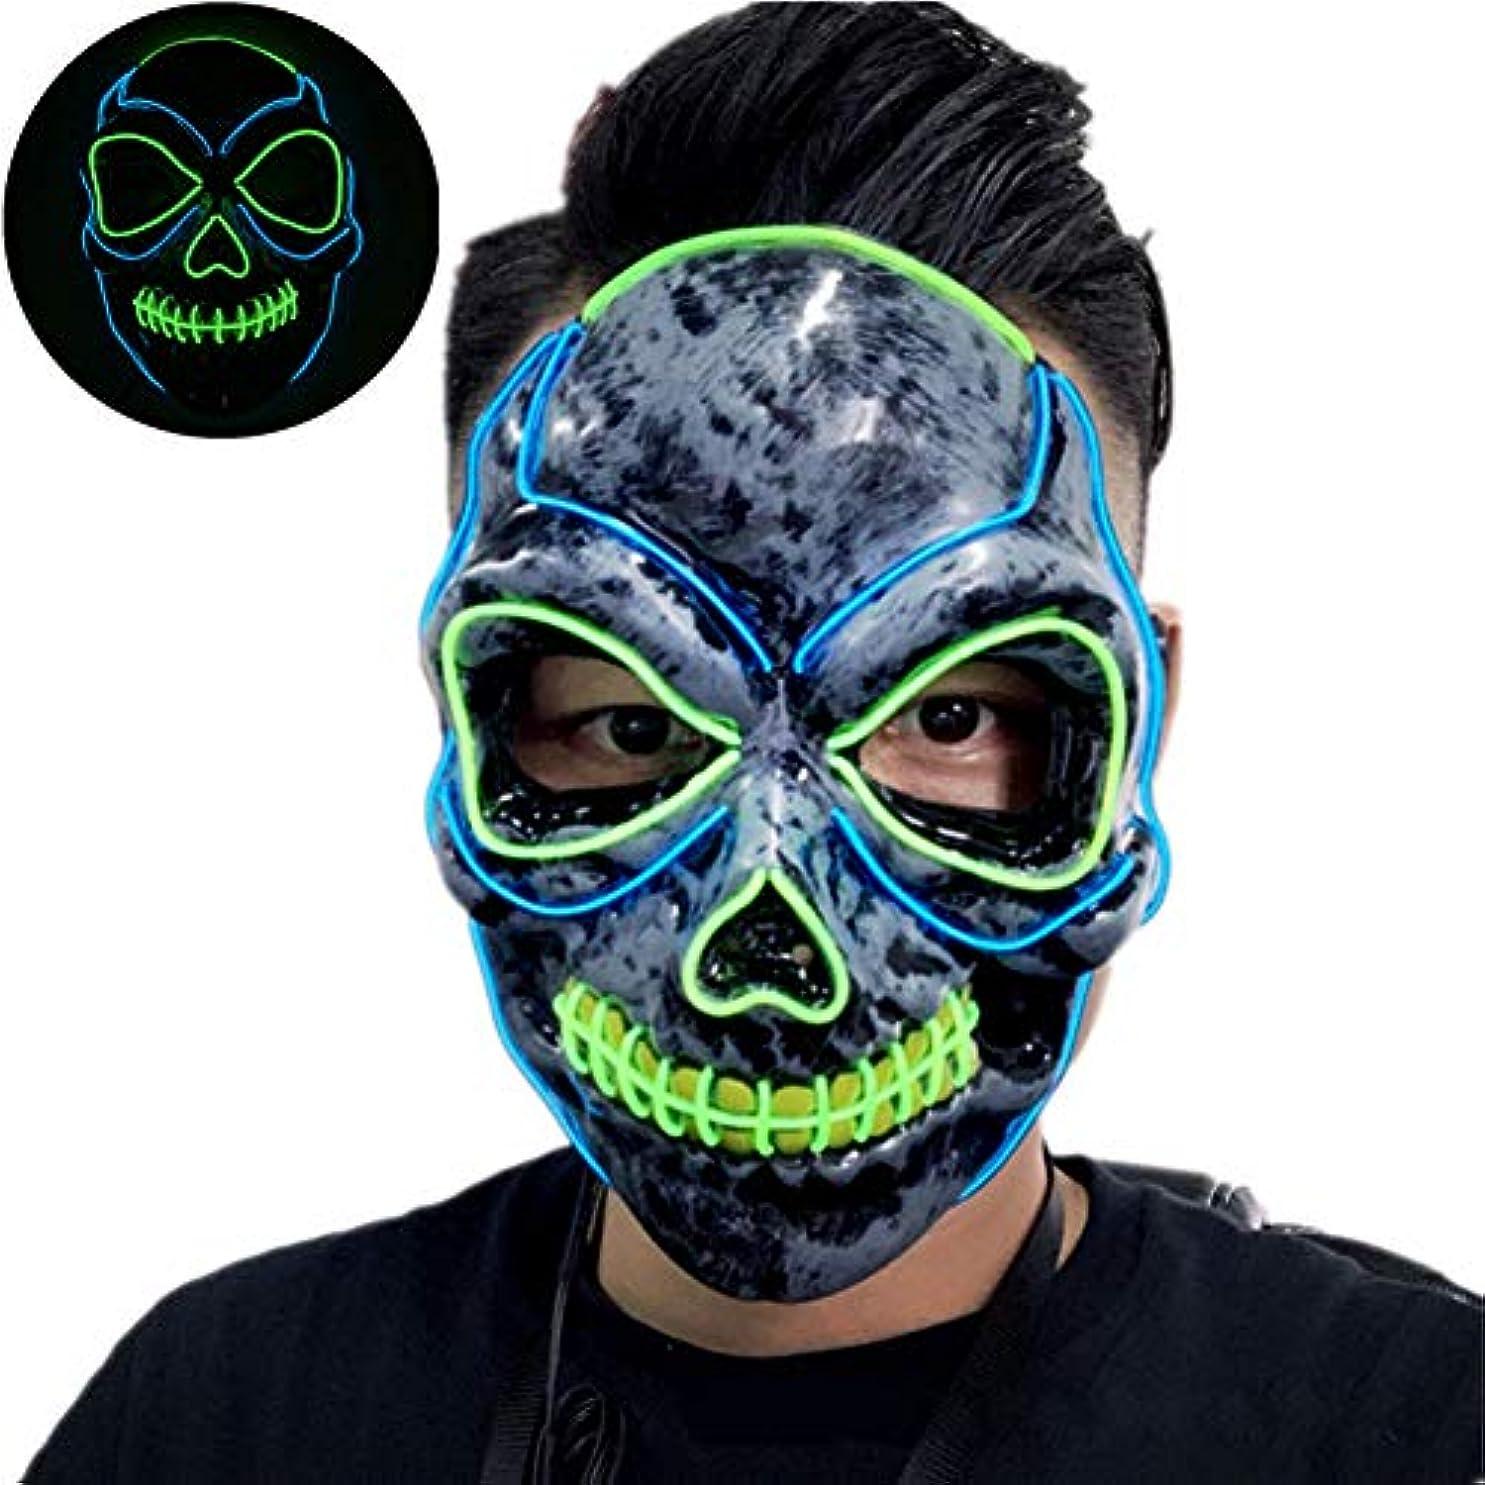 スリット荒涼とした風景ハロウィーンマスク、しかめっ面、テーマパーティー、カーニバル、ハロウィーン、レイブパーティー、クリスマスなどに適しています。